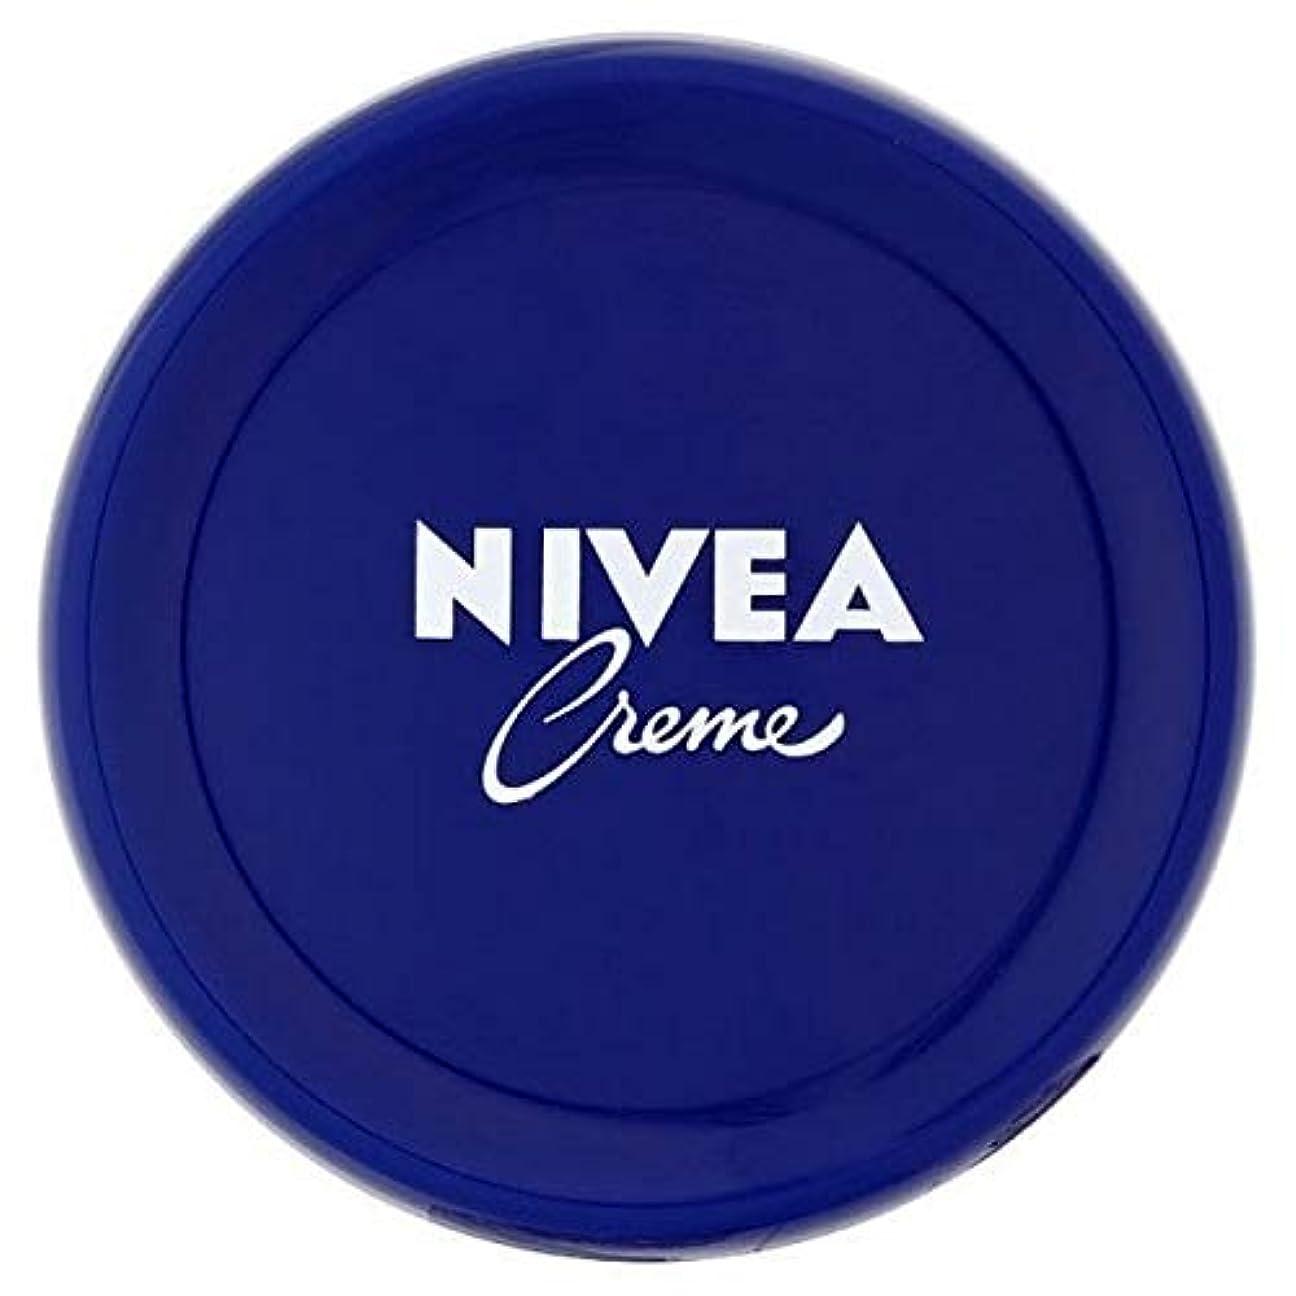 リスナー大工法的[Nivea ] ニベアクリーム万能ボディクリーム、200ミリリットル - NIVEA Creme All Purpose Body Cream, 200ml [並行輸入品]